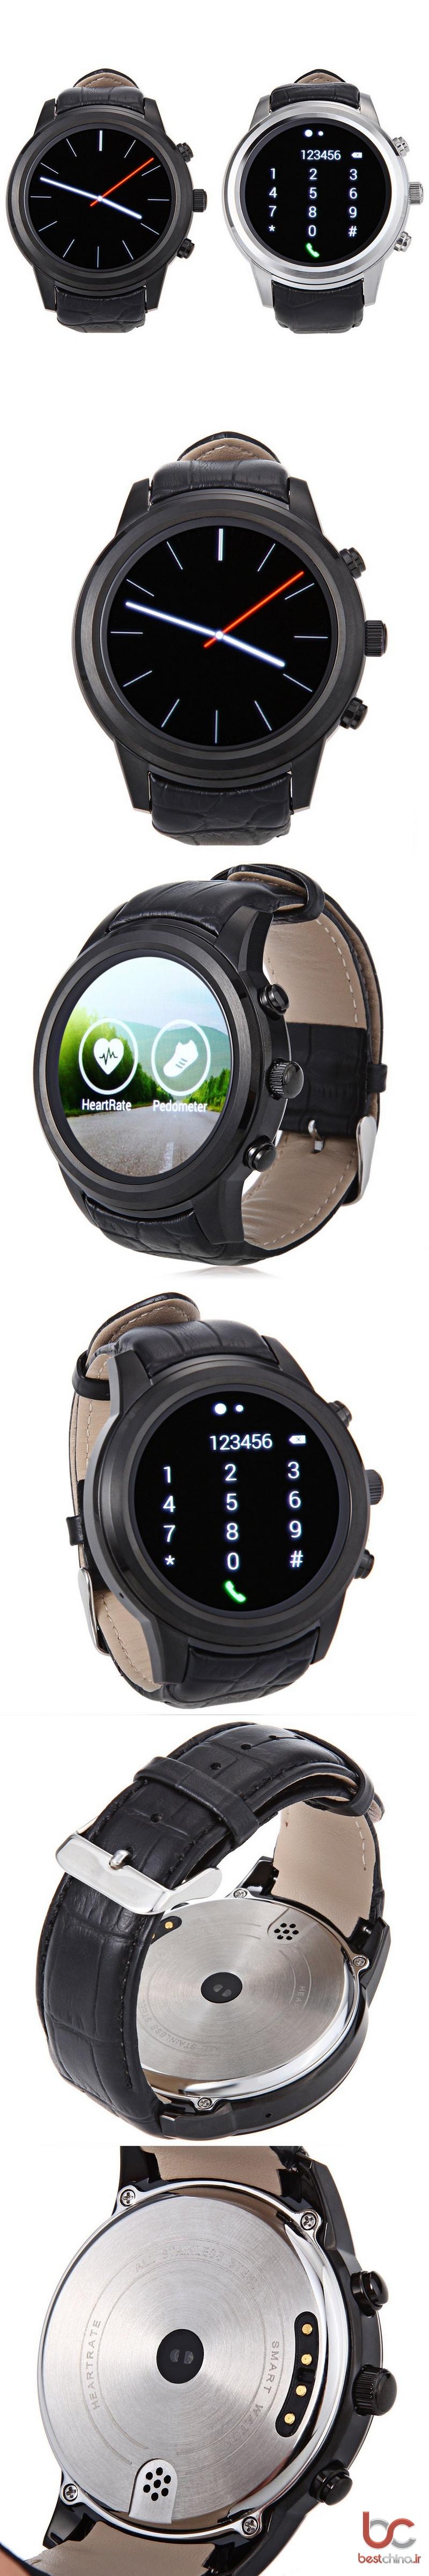 FINOW X5 Smartwatch (2)